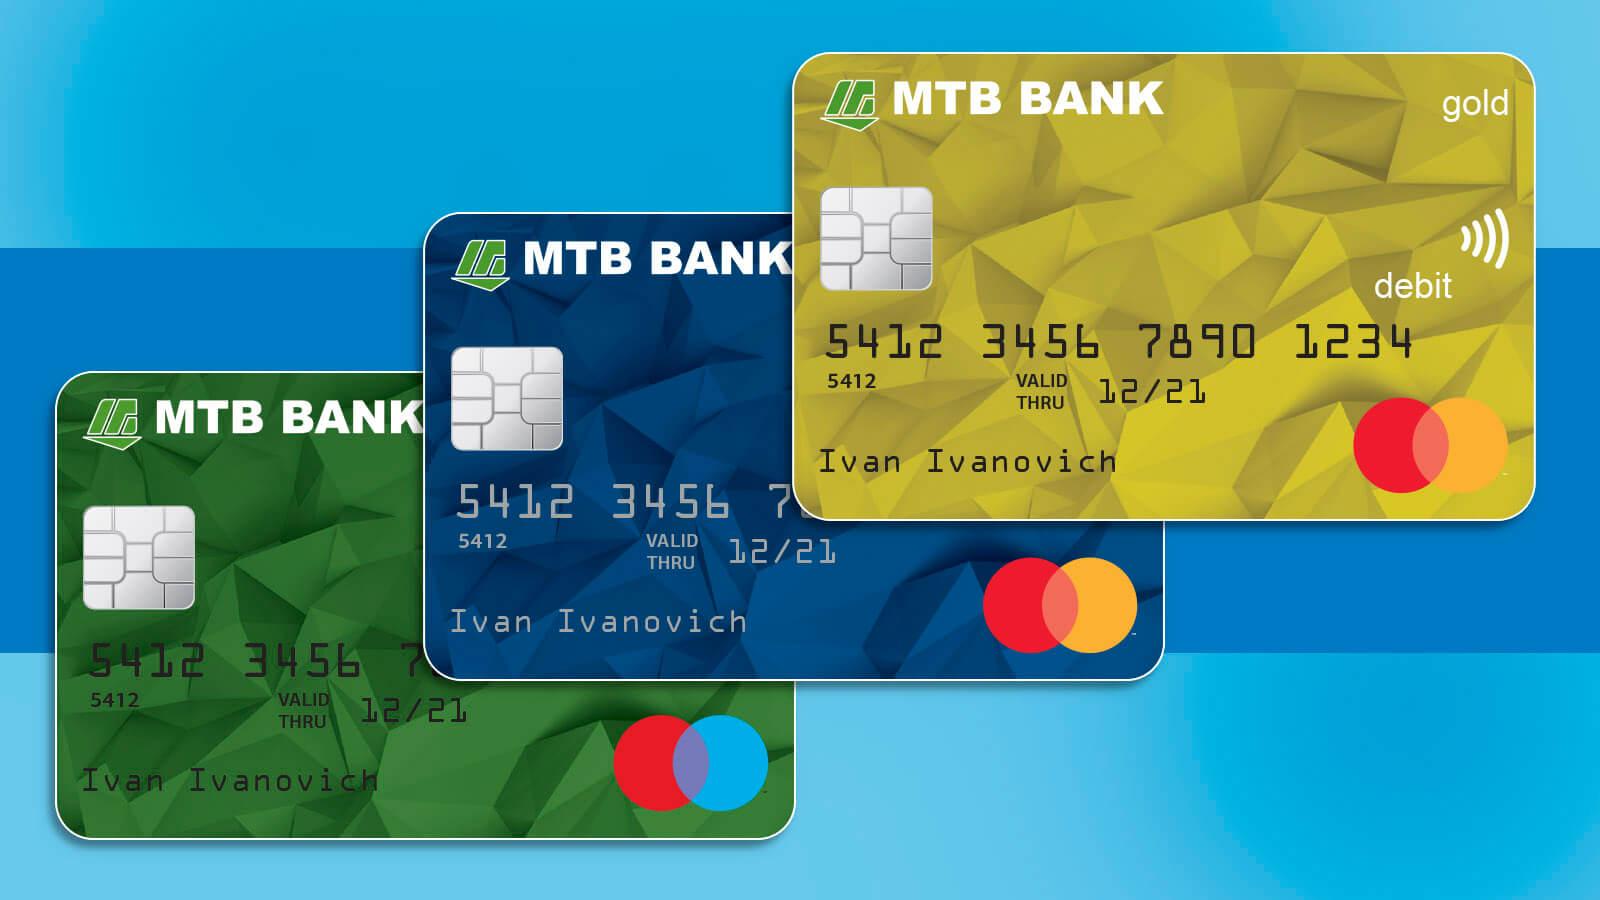 До уваги власників платіжних карток МТБ БАНКу! - фото - mtb.ua